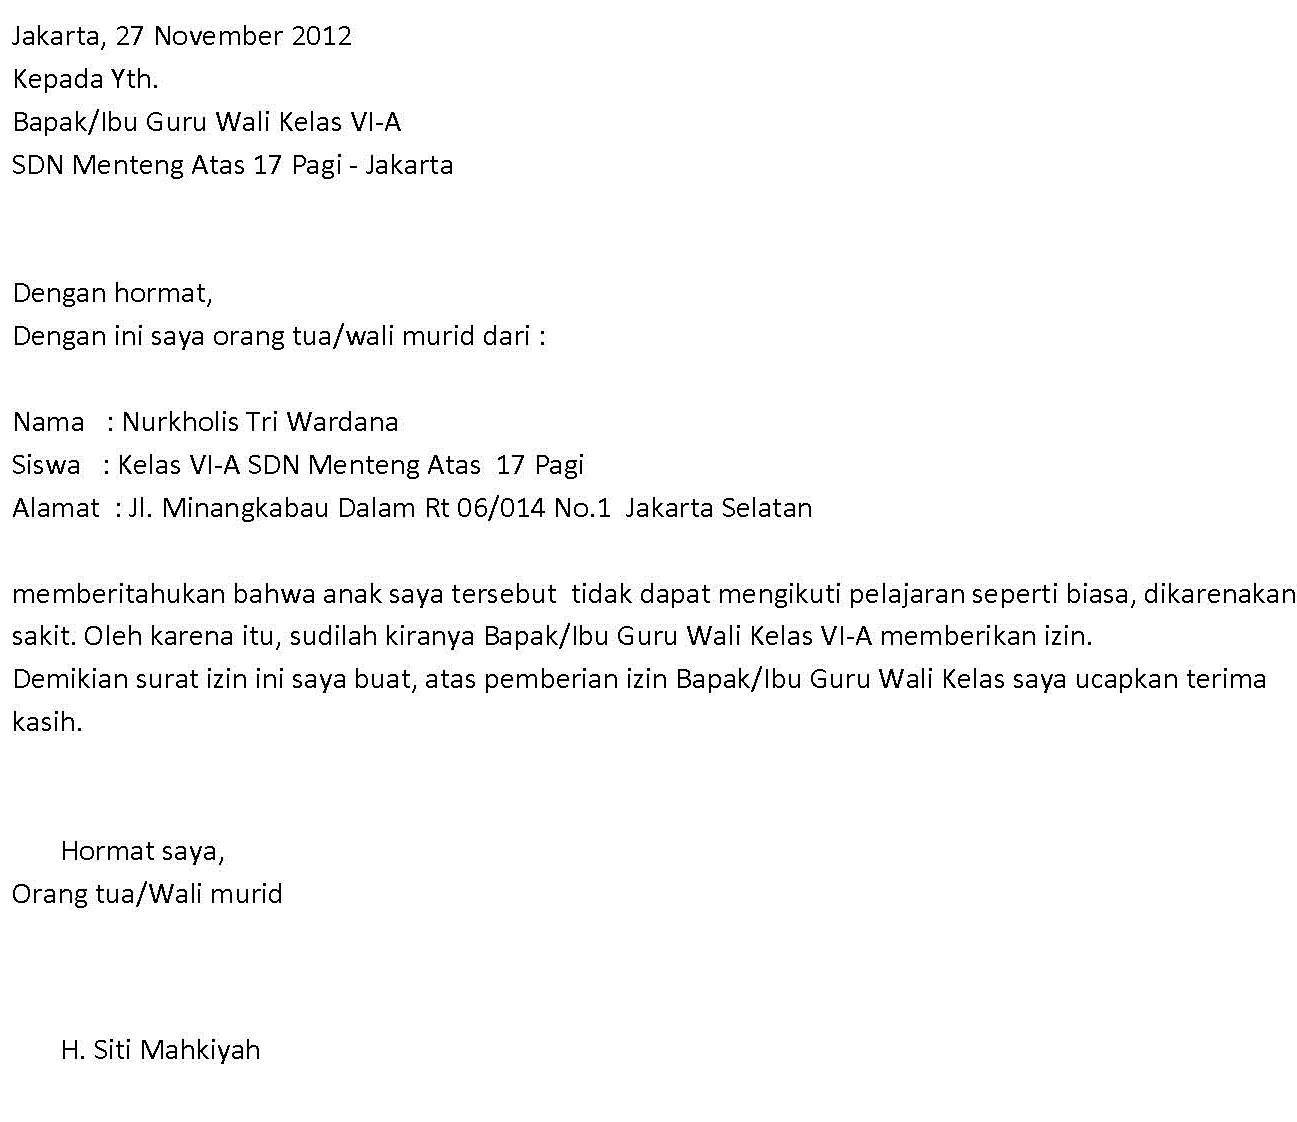 Deddy Kurniawan: 11/26/12